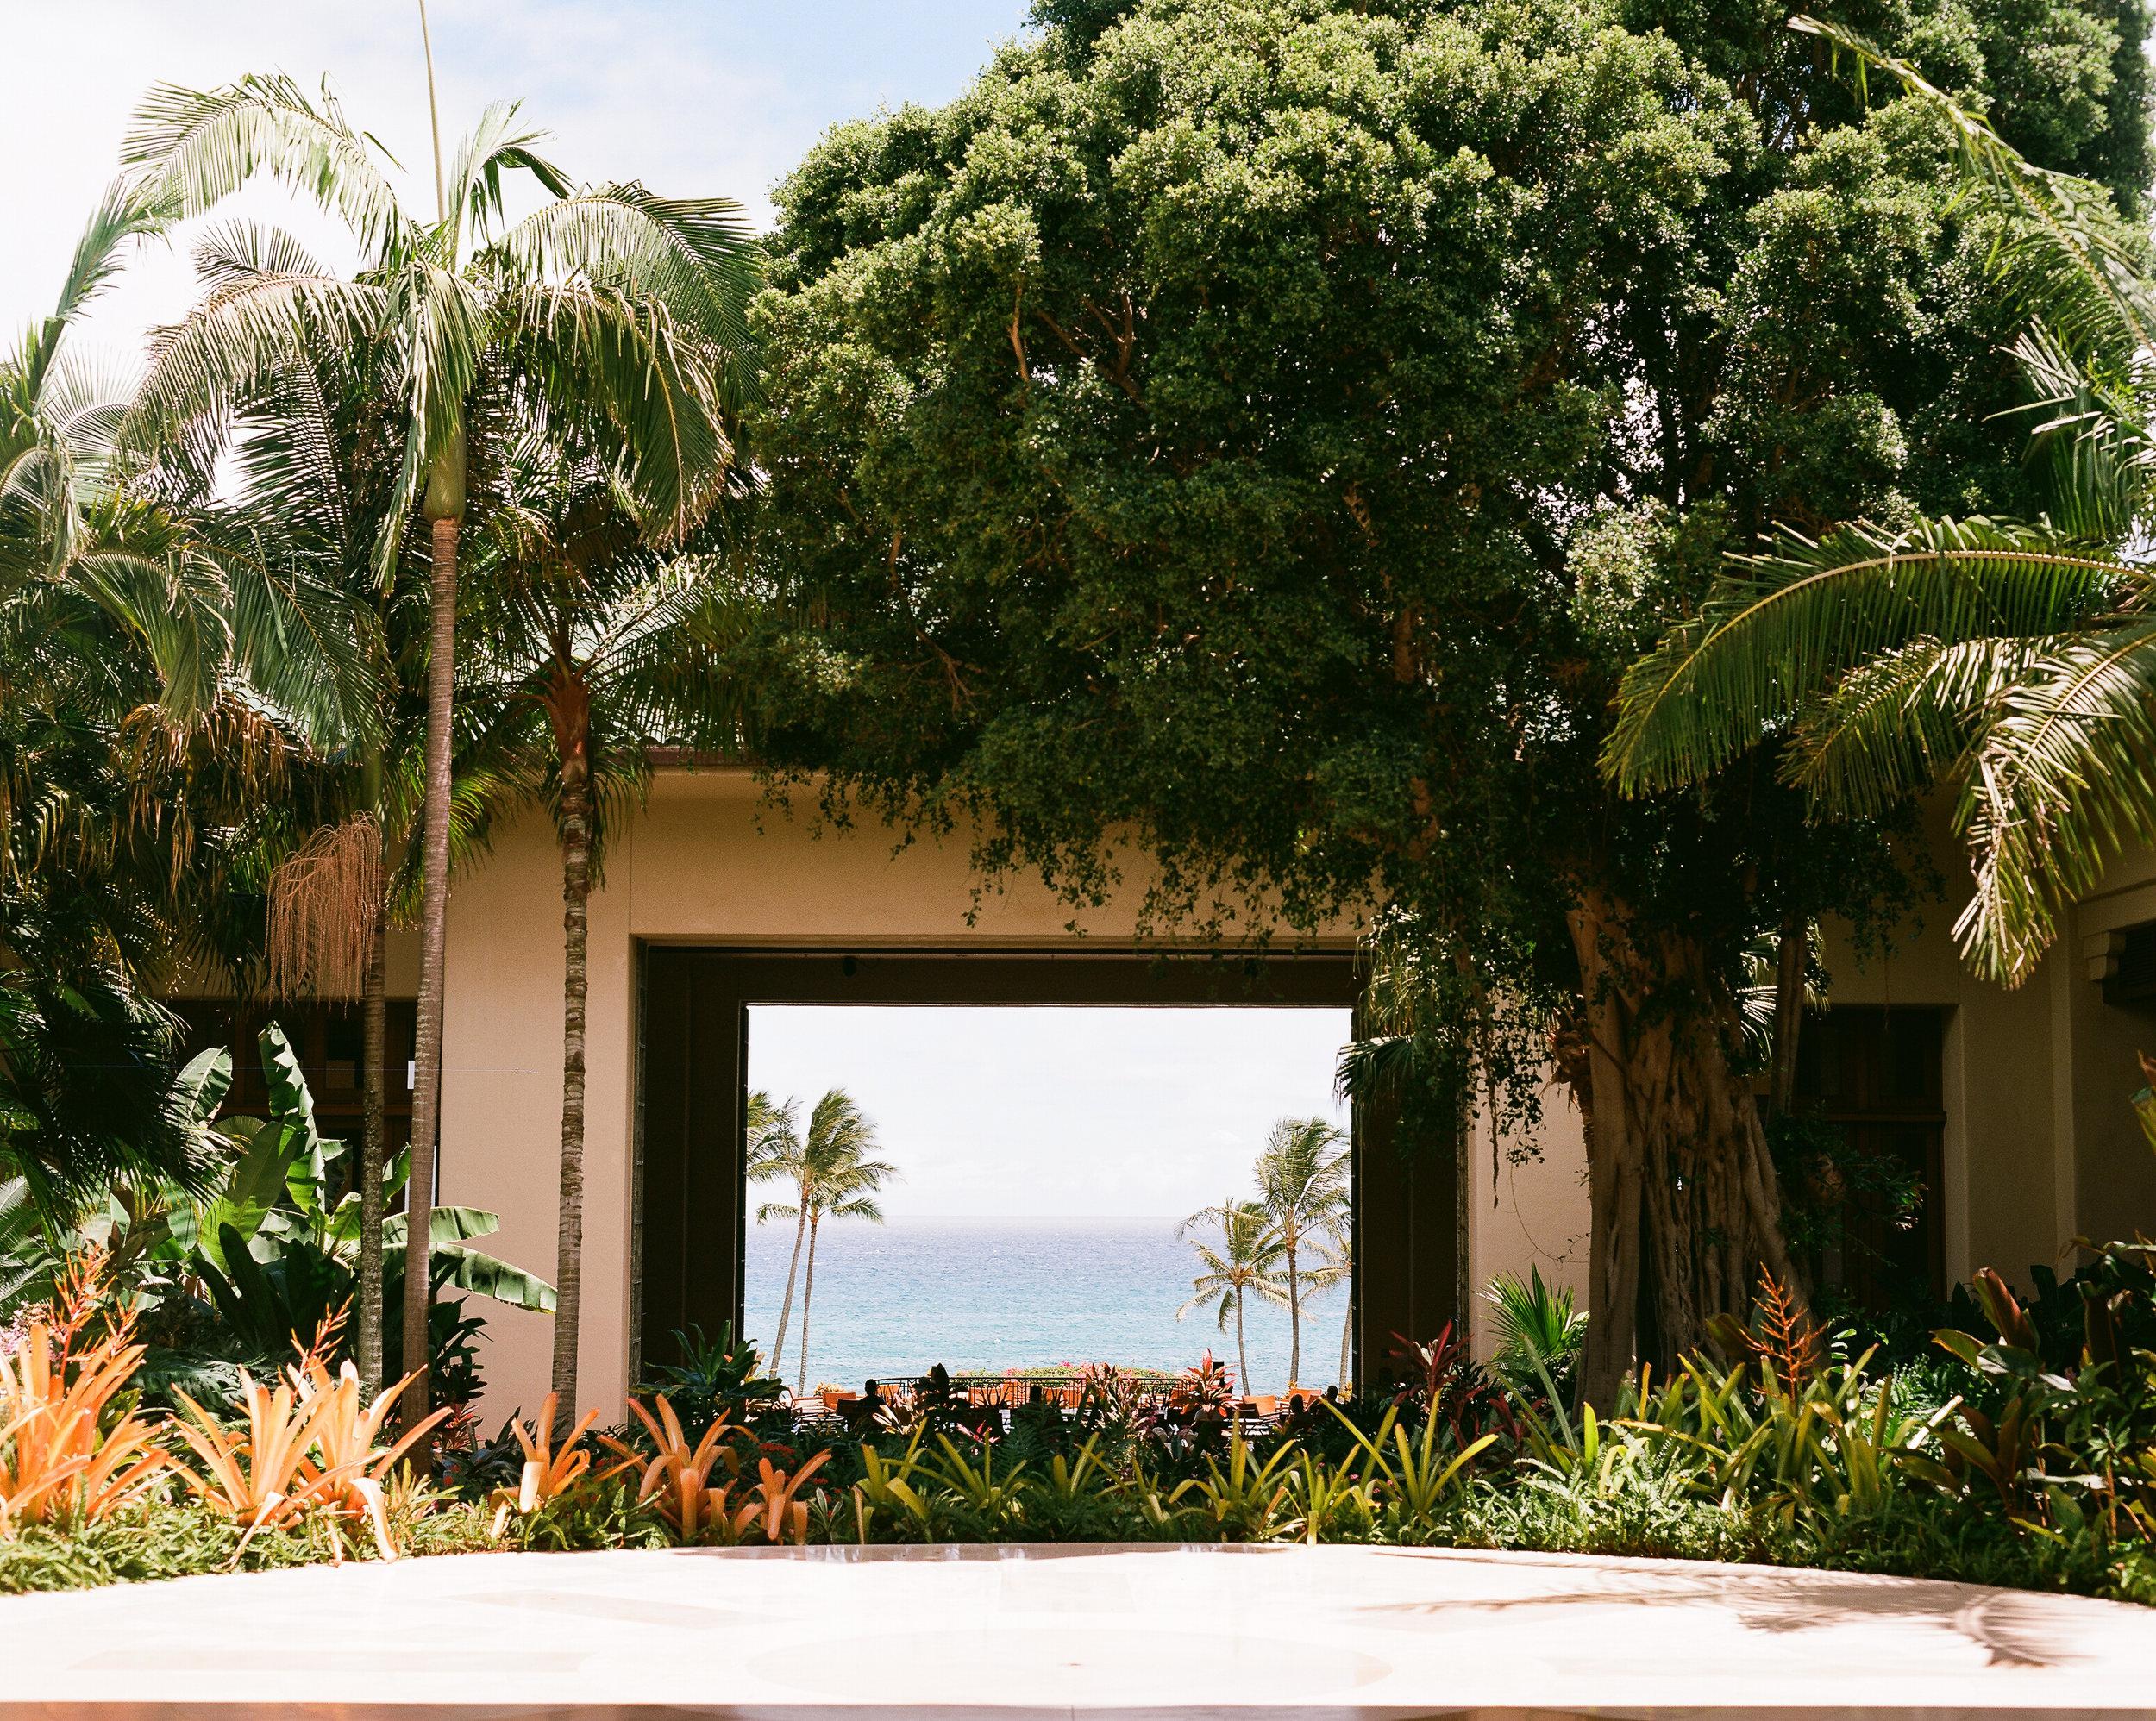 Kauai_Ektar 100_120_1.jpg